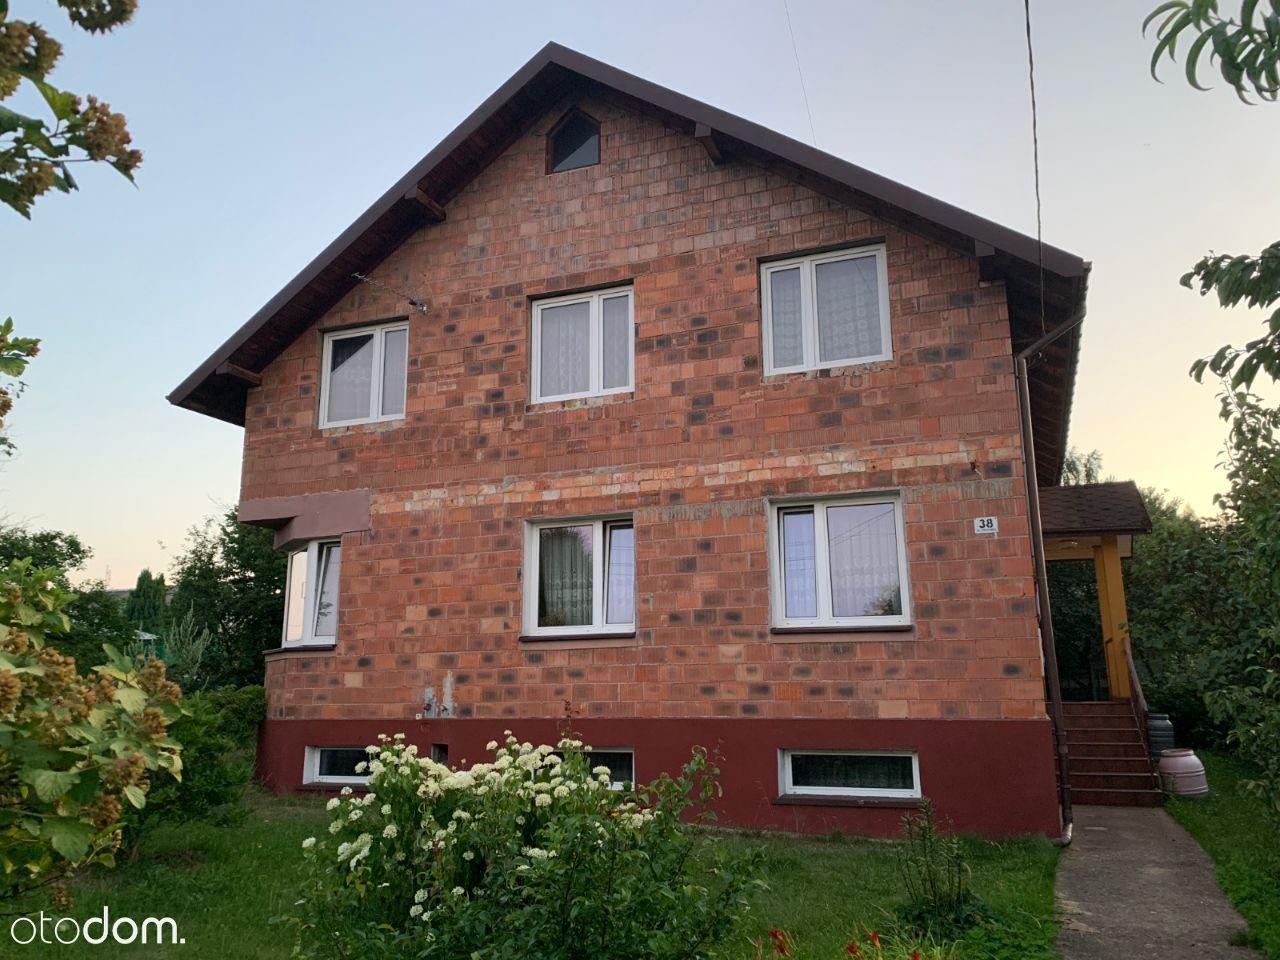 Dom dwurodzinny lub okazja dla inwestora